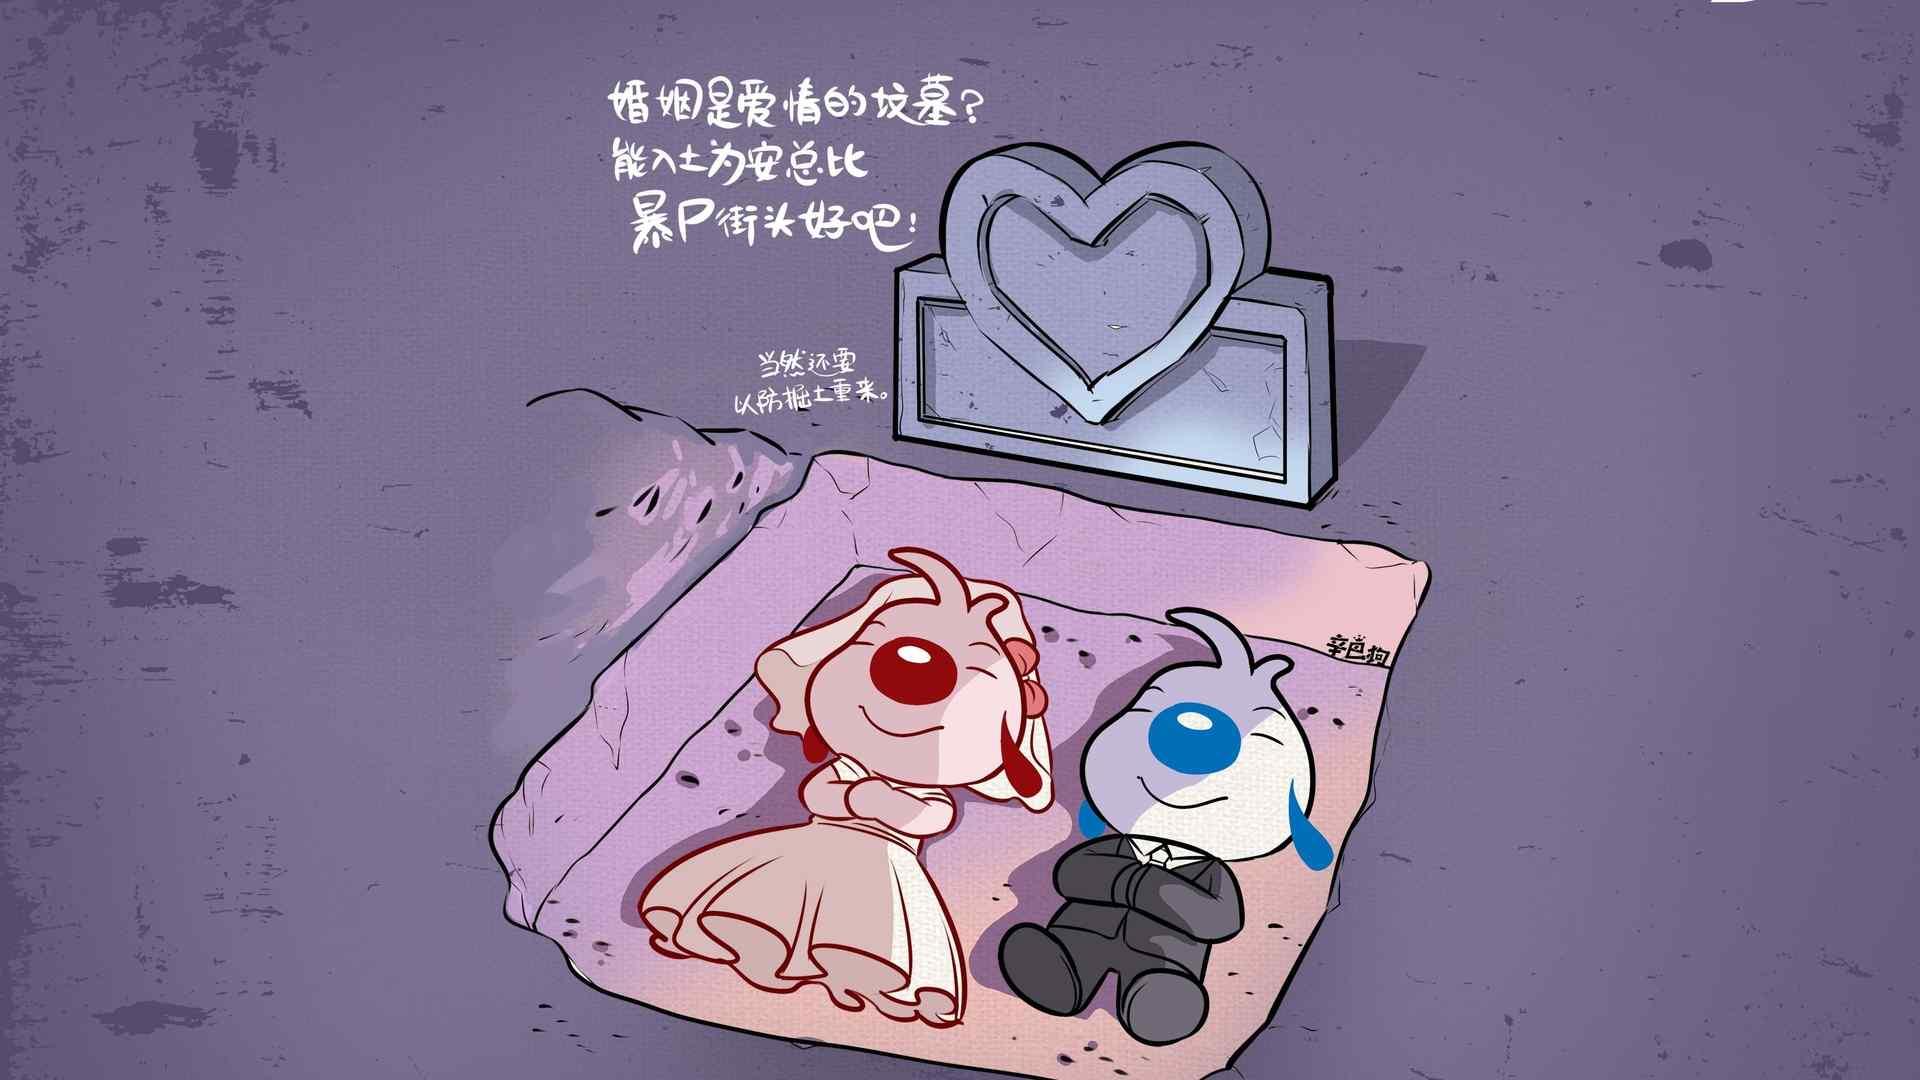 辛巴狗搞笑爱情壁